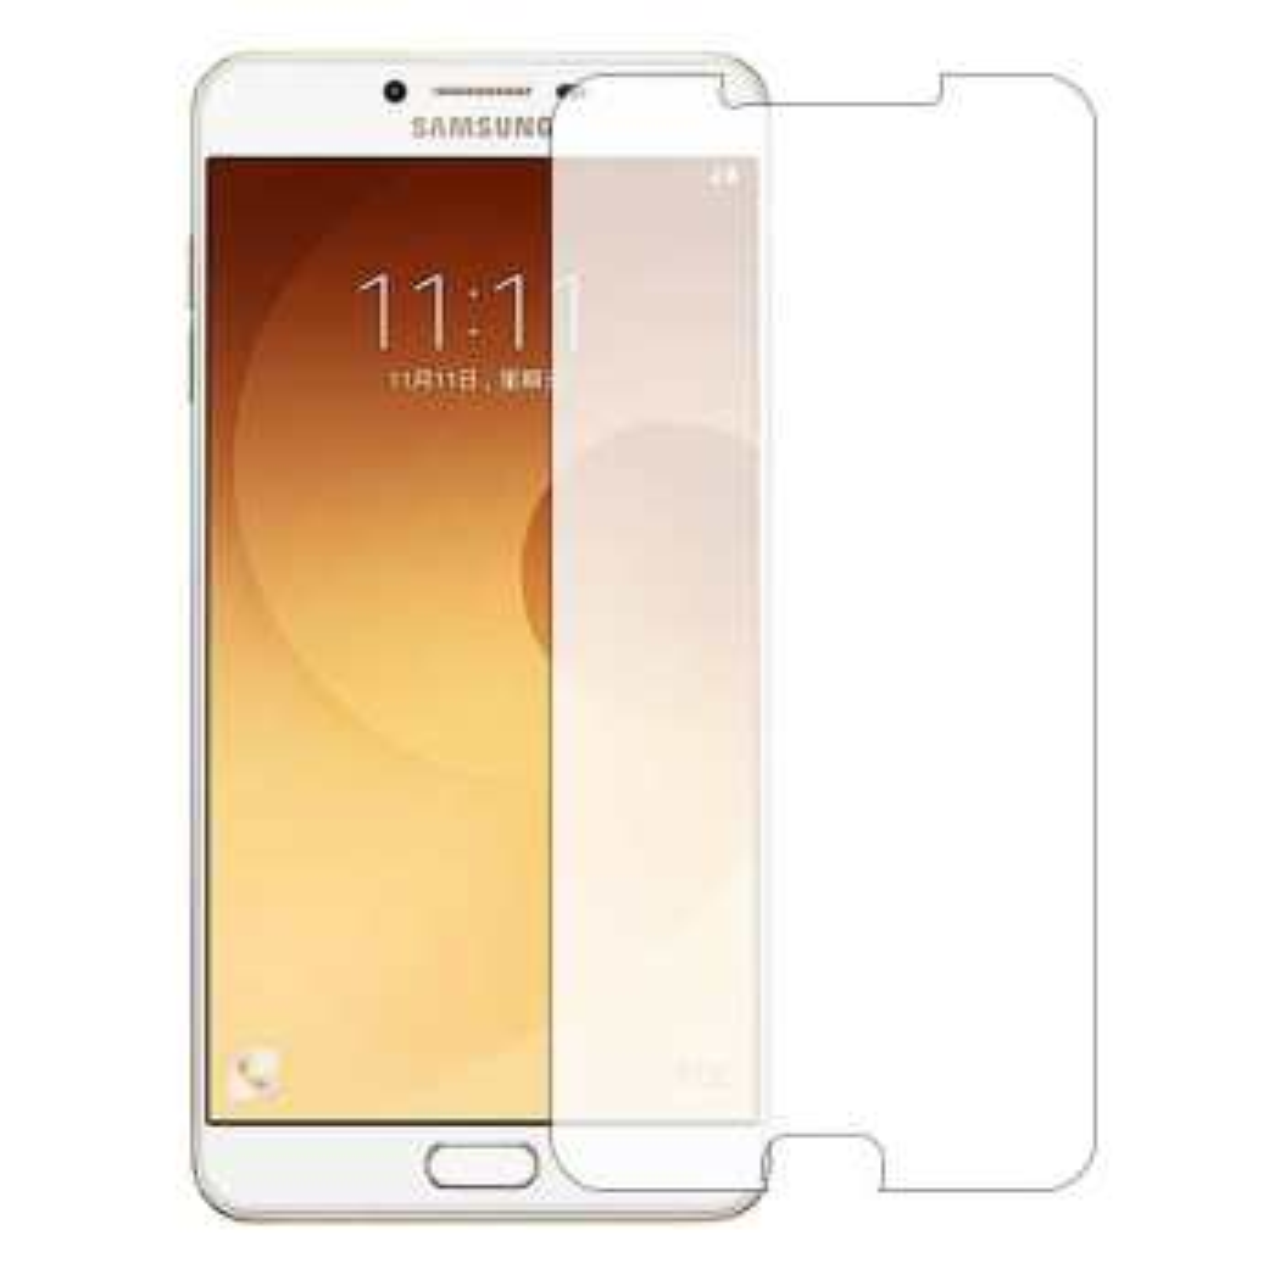 محافظ صفحه نمایش شیشه ای تمپرد مناسب برای گوشی موبایل سامسونگ Galaxy C9